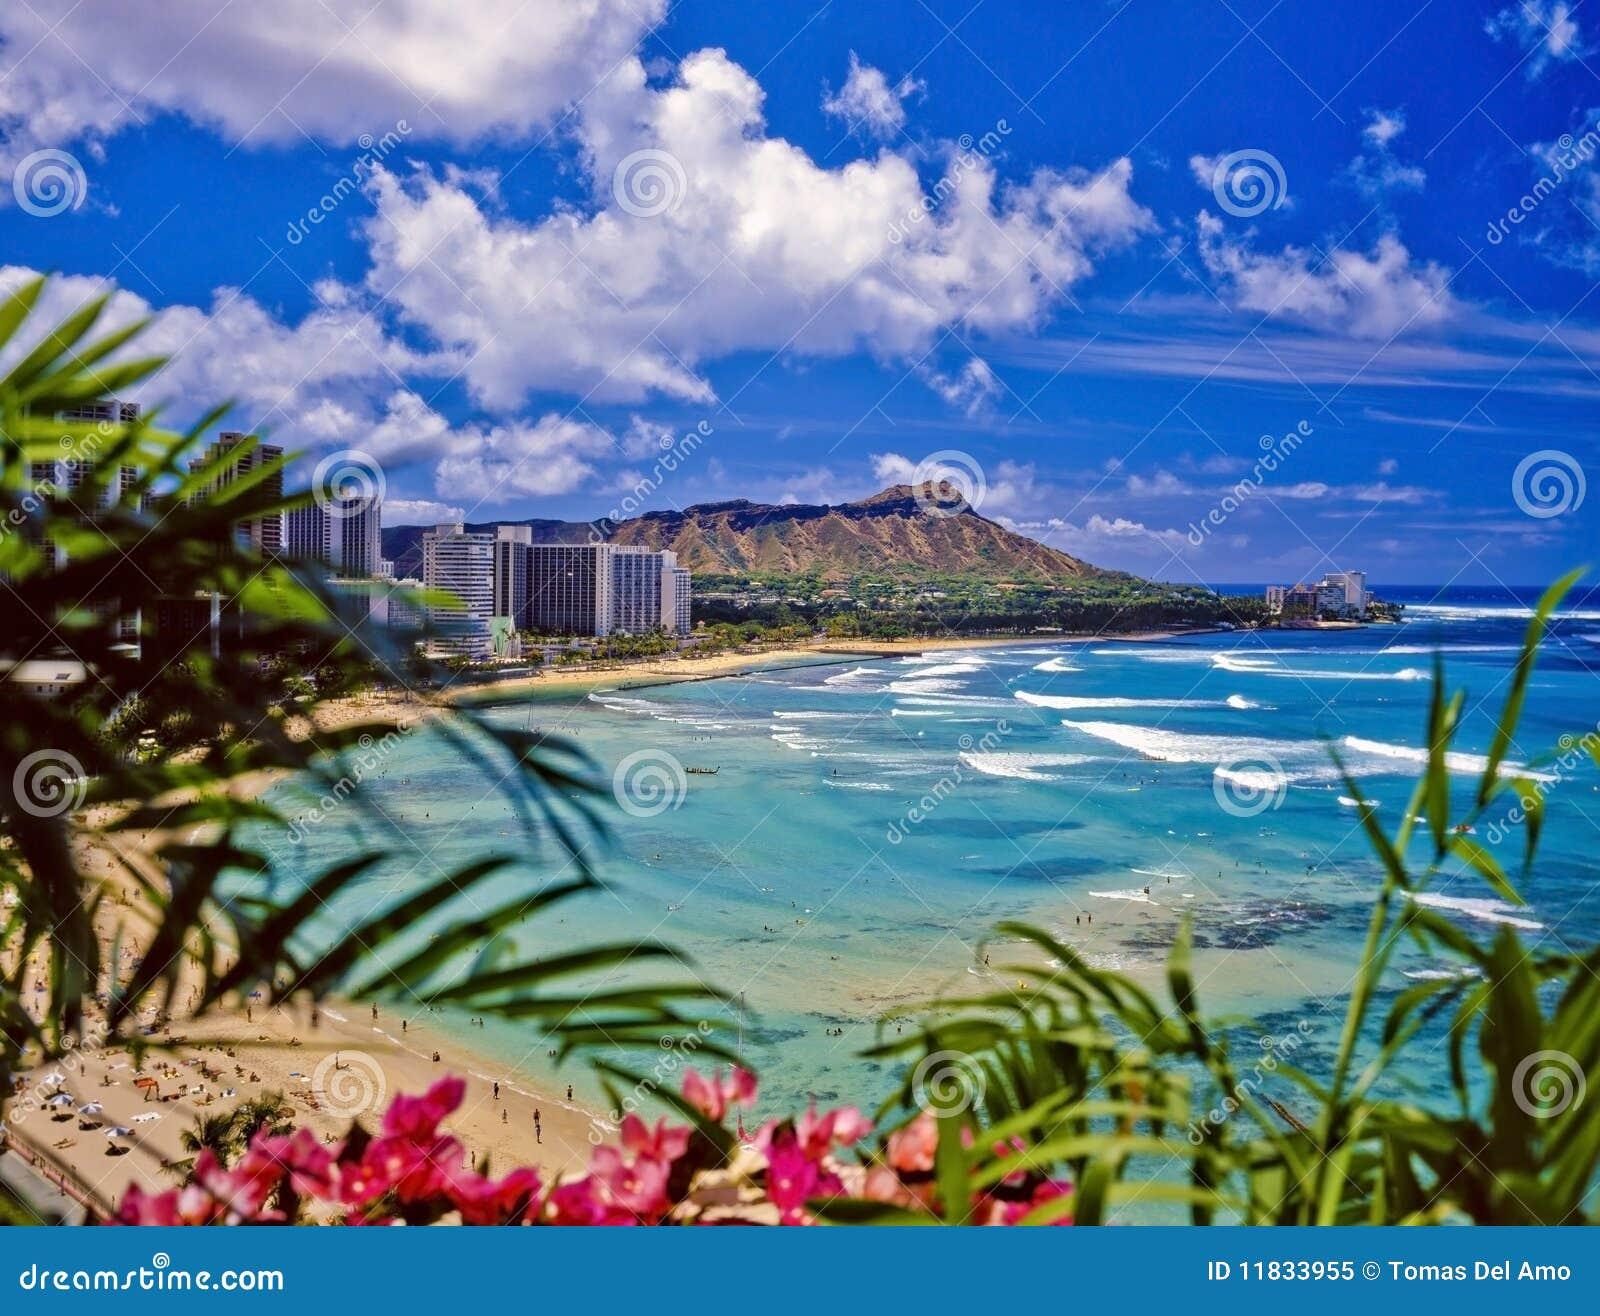 Playa de Waikiki y pista del diamante